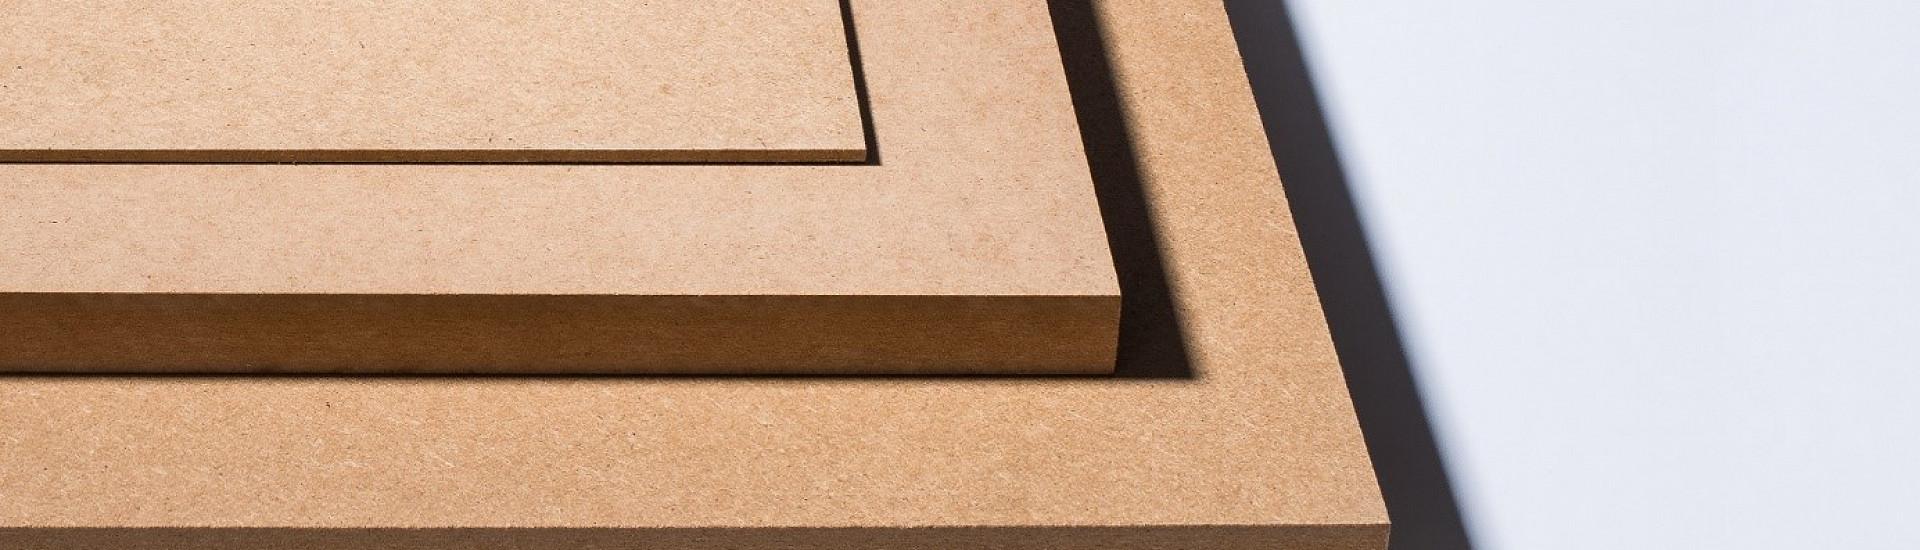 Płyty drewnopochodne surowe.jpg